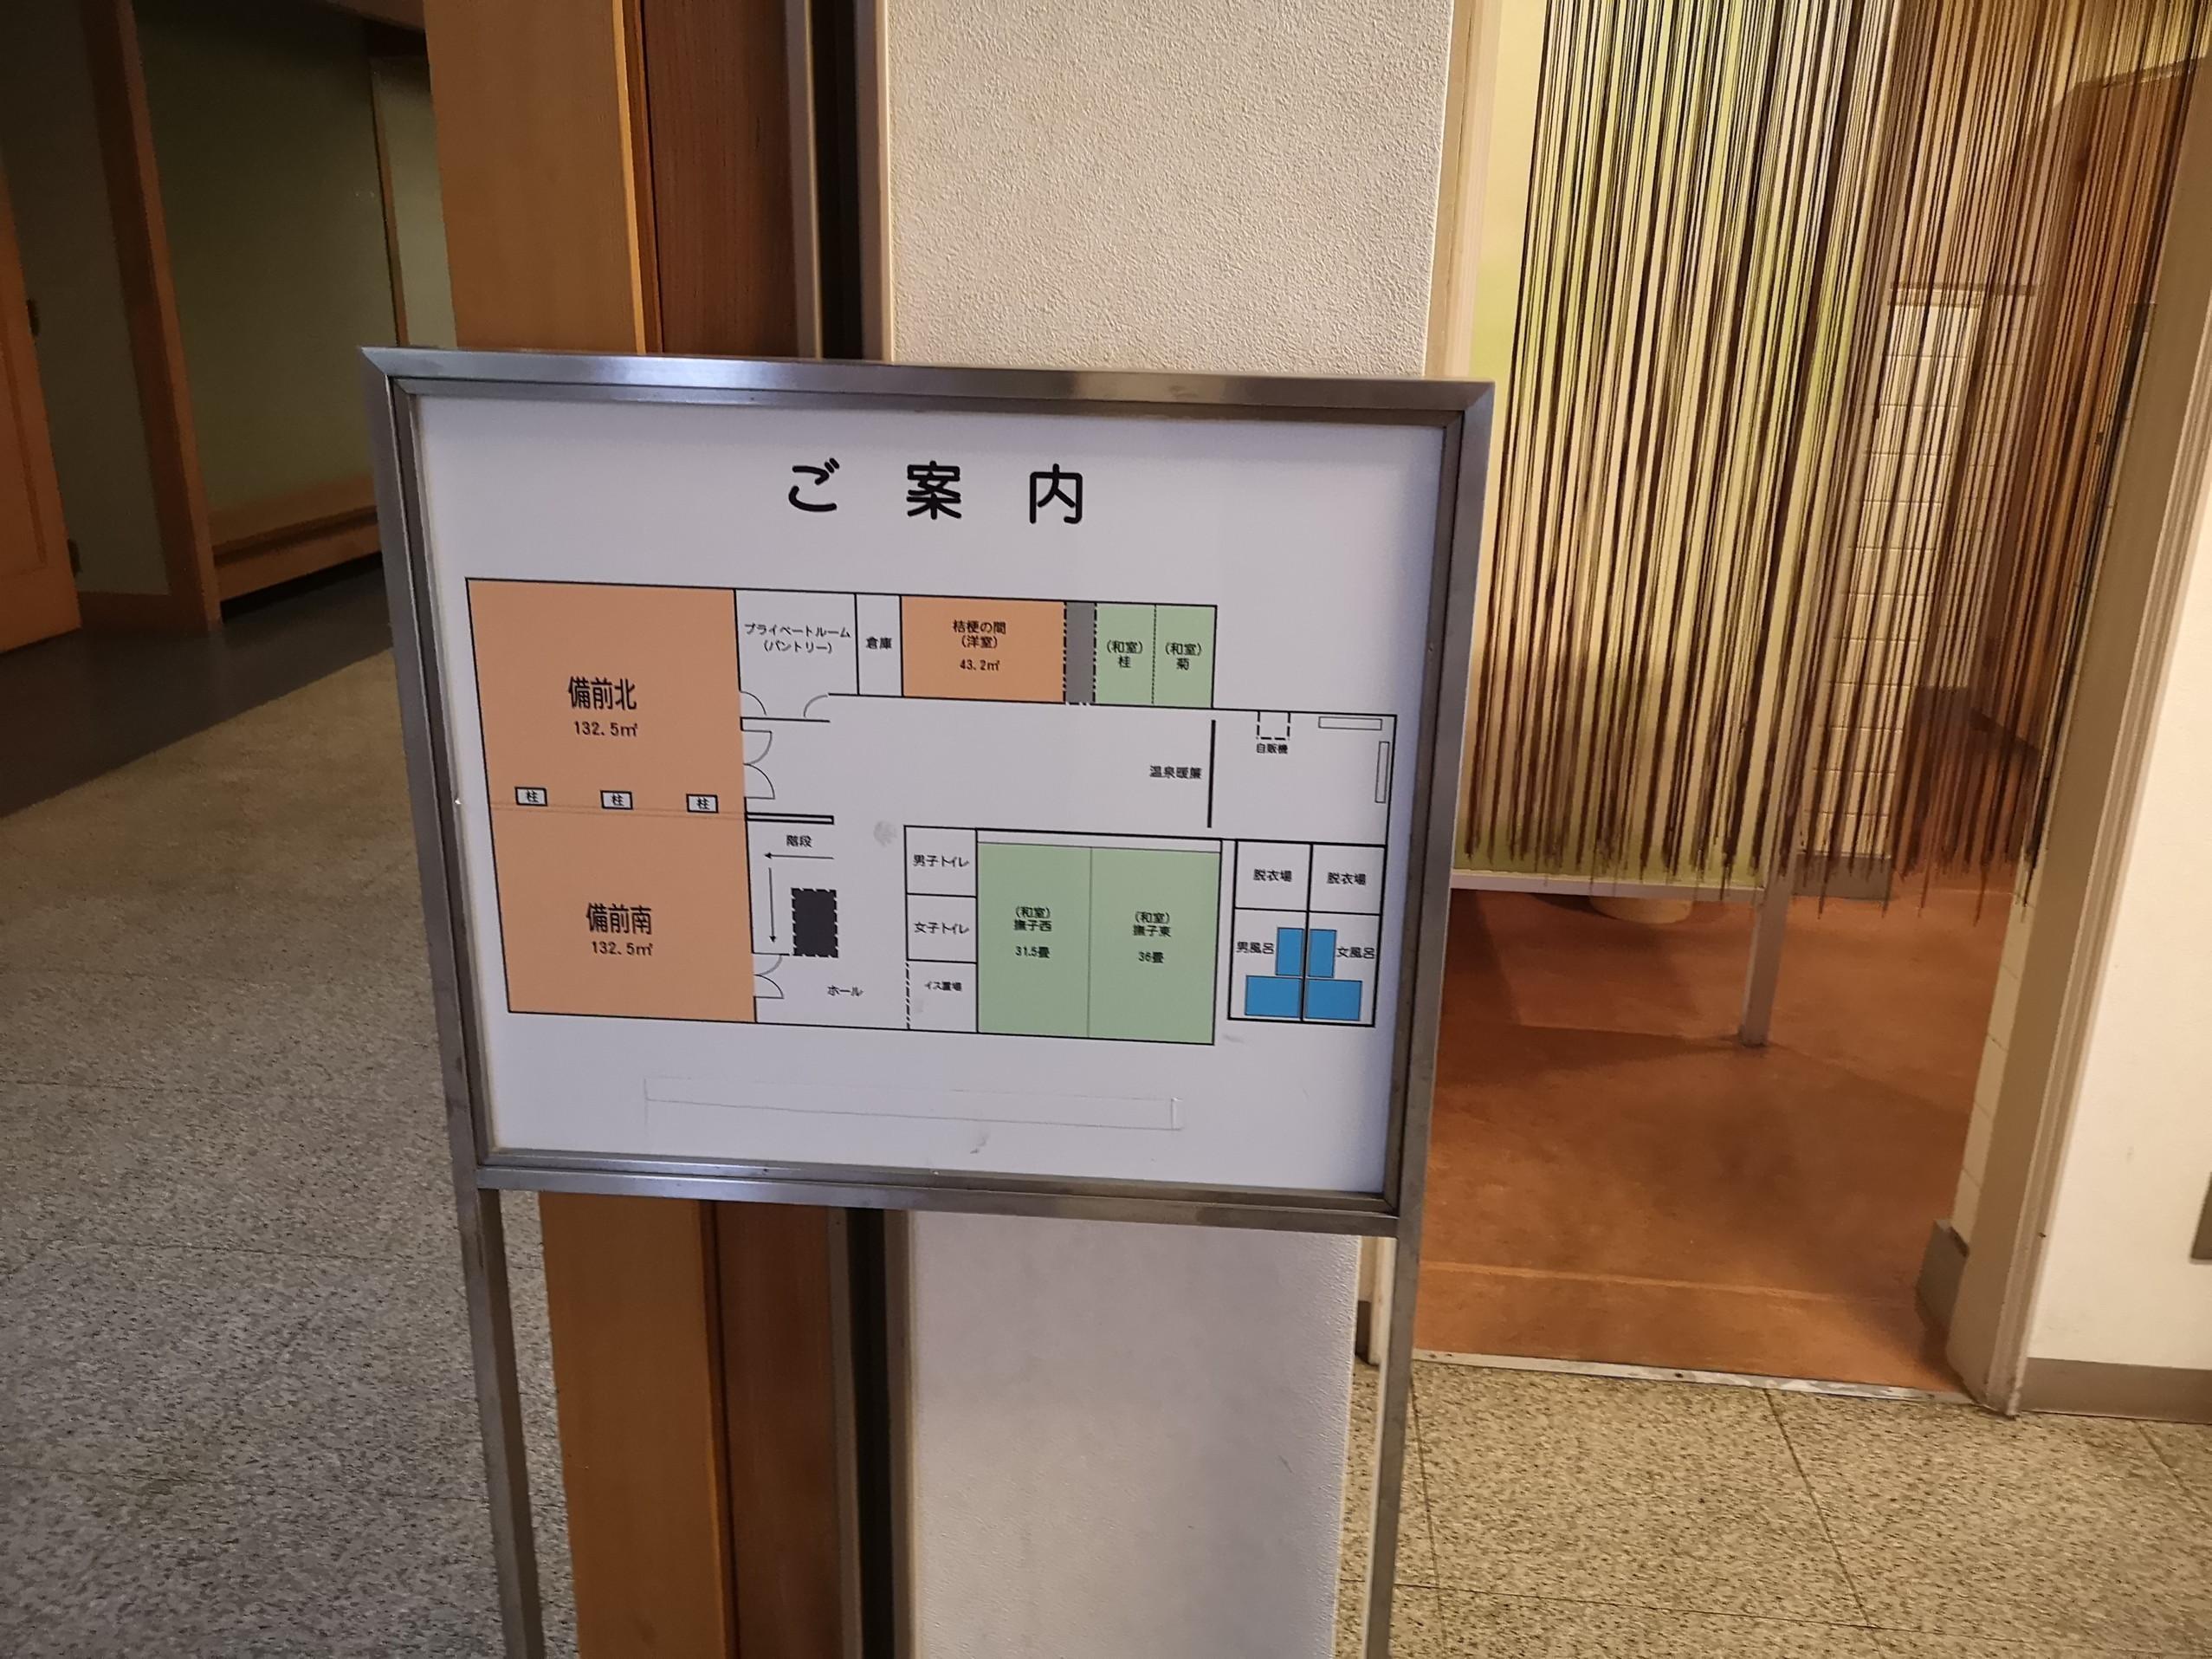 20191128_おさふねサービスエリア (2)